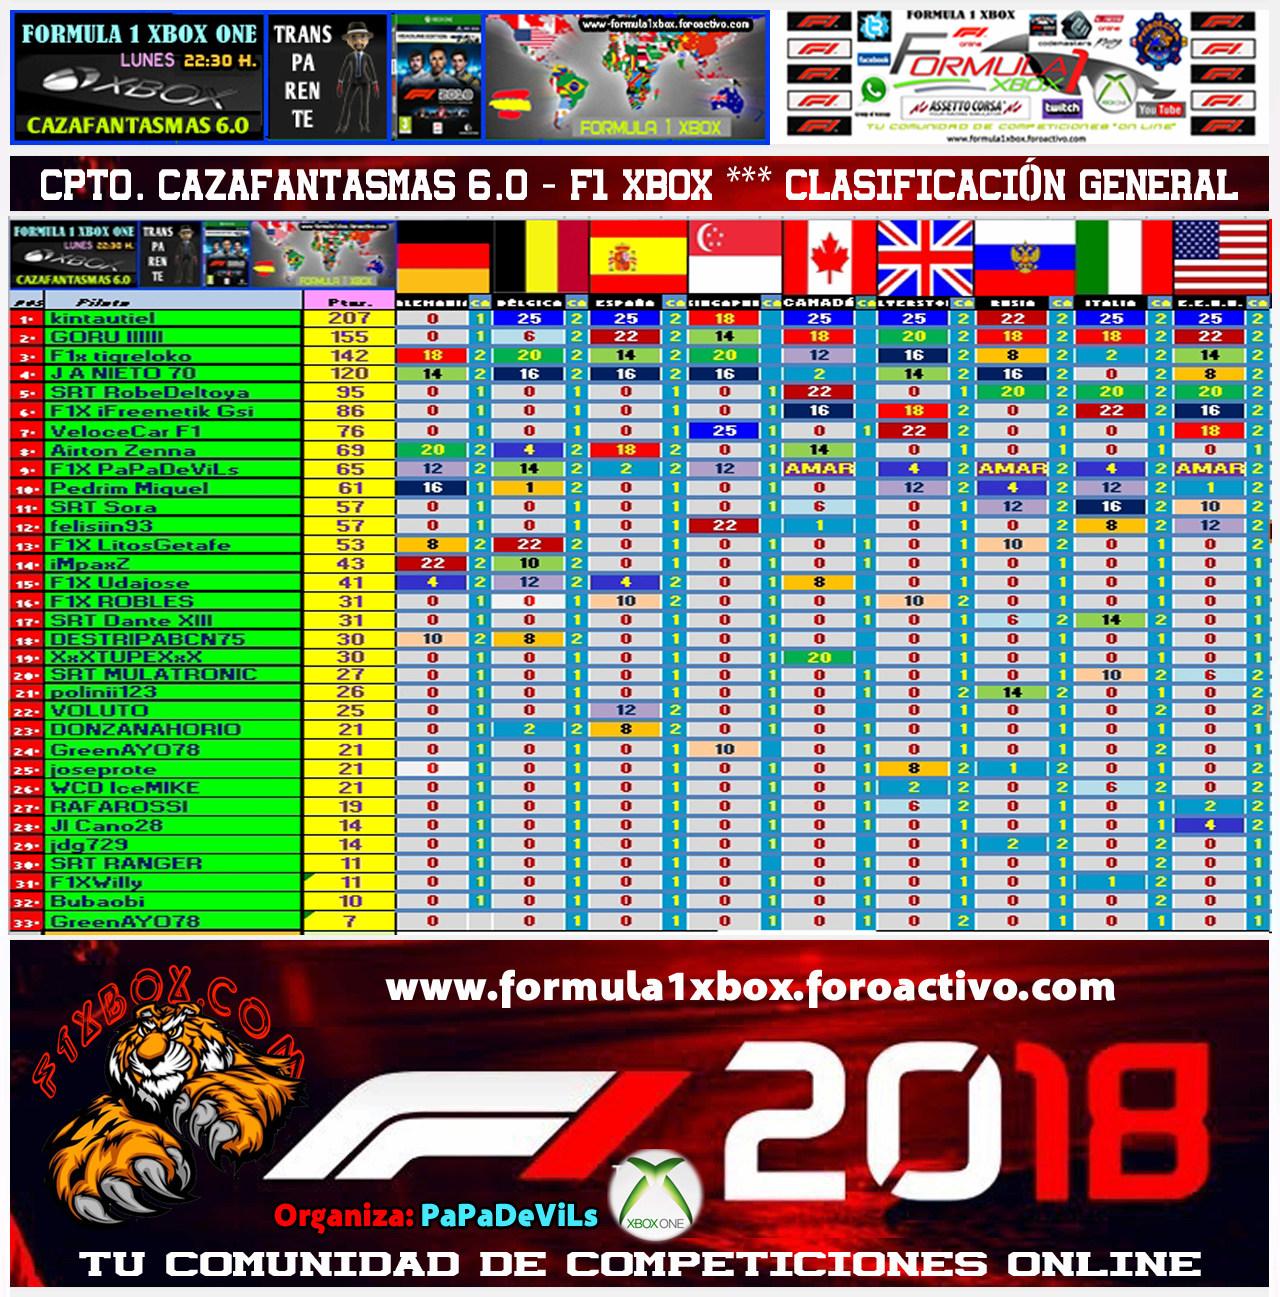 ¡ CAMPEÓN ! *** F1 2018 - XBOX ONE *** CAMPEONATO CAZAFANTASMAS 6.0 - F1X / CAMPEÓN, RESULTADO, PODIUM, CALENDARIO Y CLASIFICACIÓN FINAL.  Clasif56